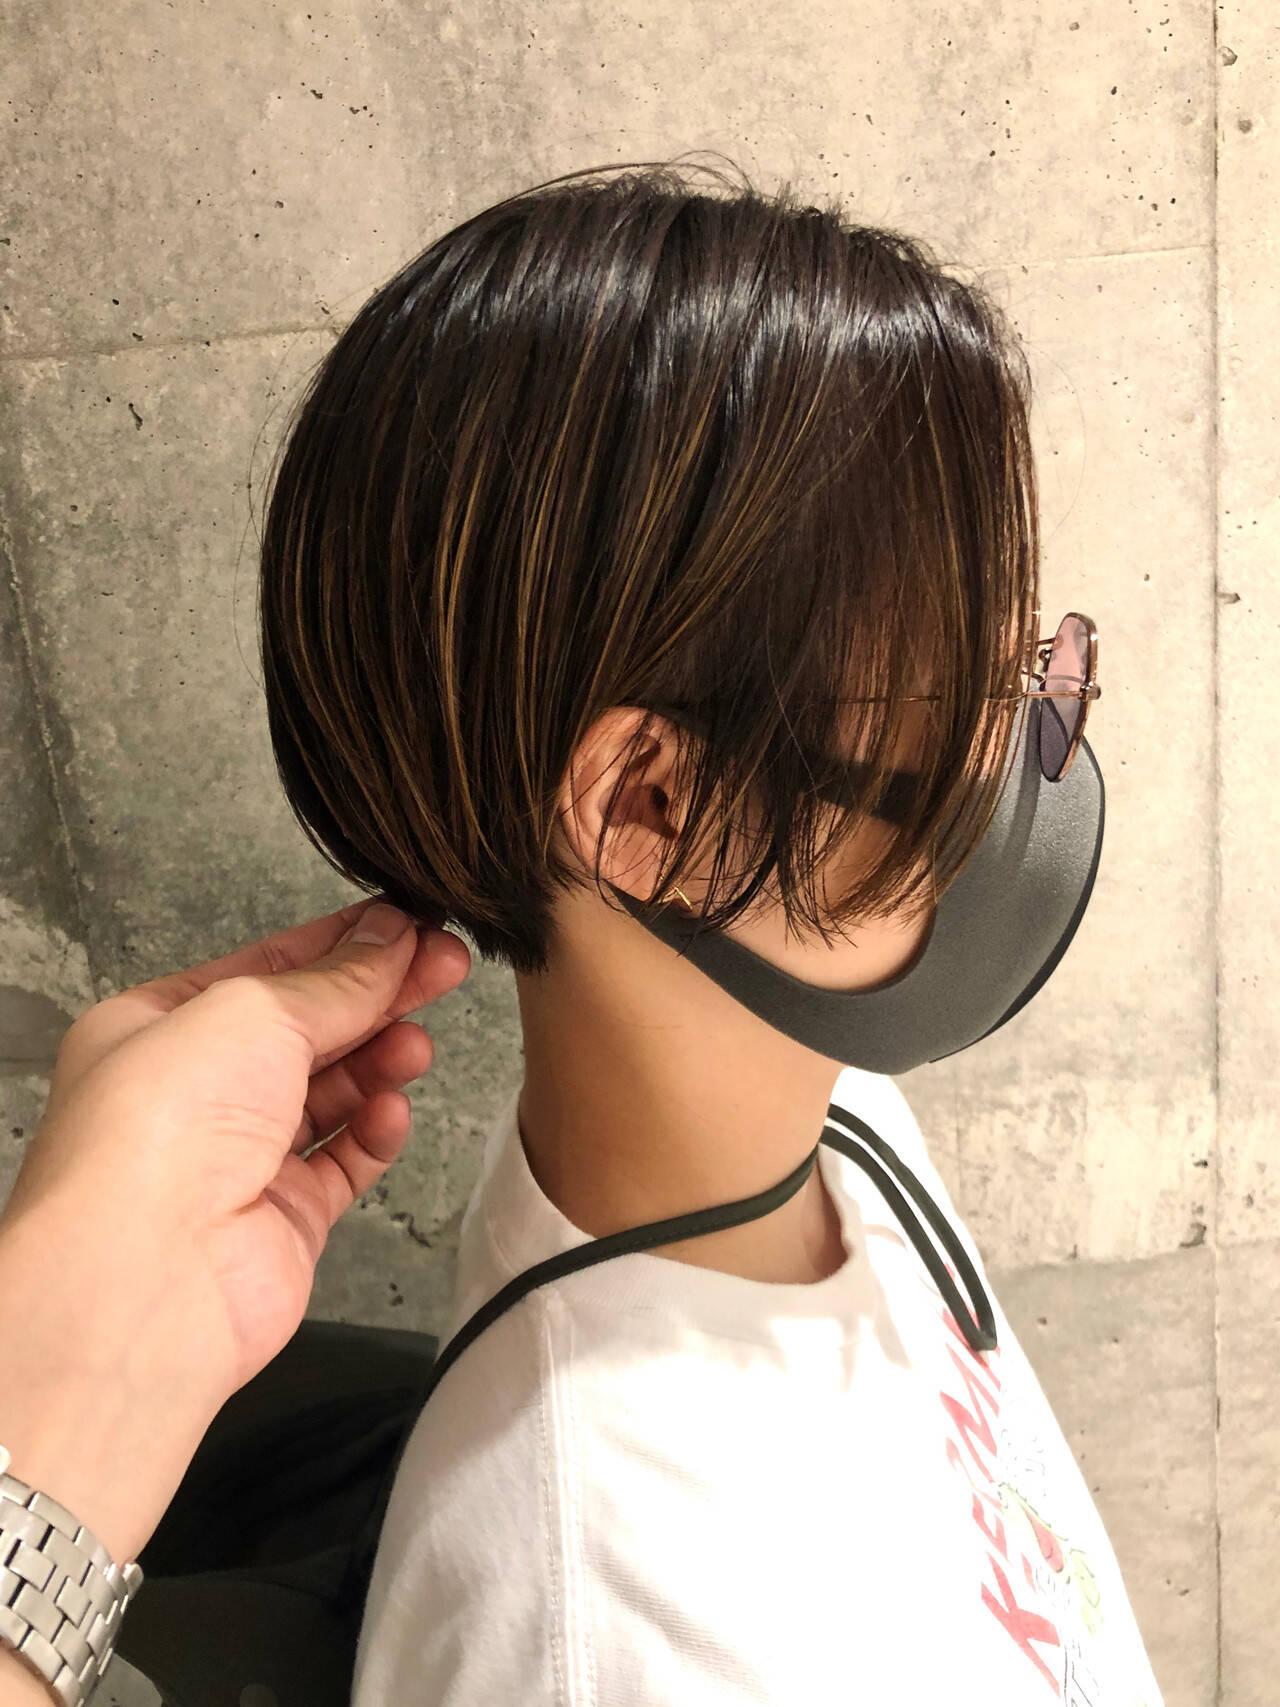 ハンサム ストリート ハンサムショート ハンサムバングヘアスタイルや髪型の写真・画像